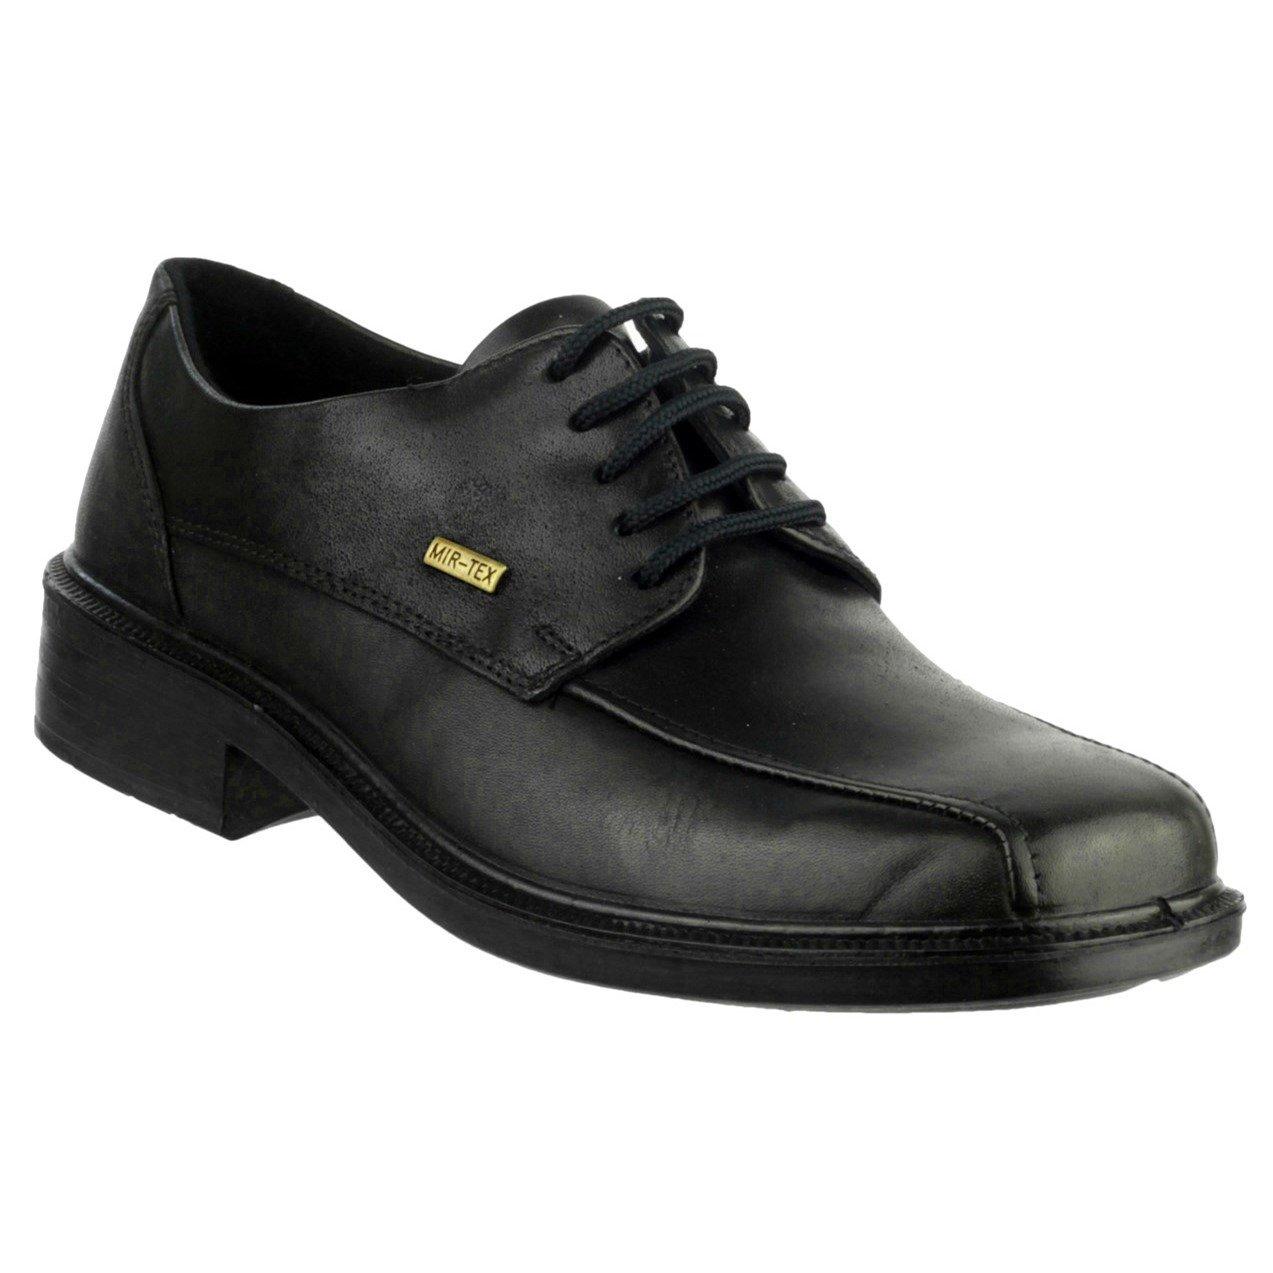 Cotswold Men's Stonehouse Waterproof Shoe Various Colours 32971 - Black 11